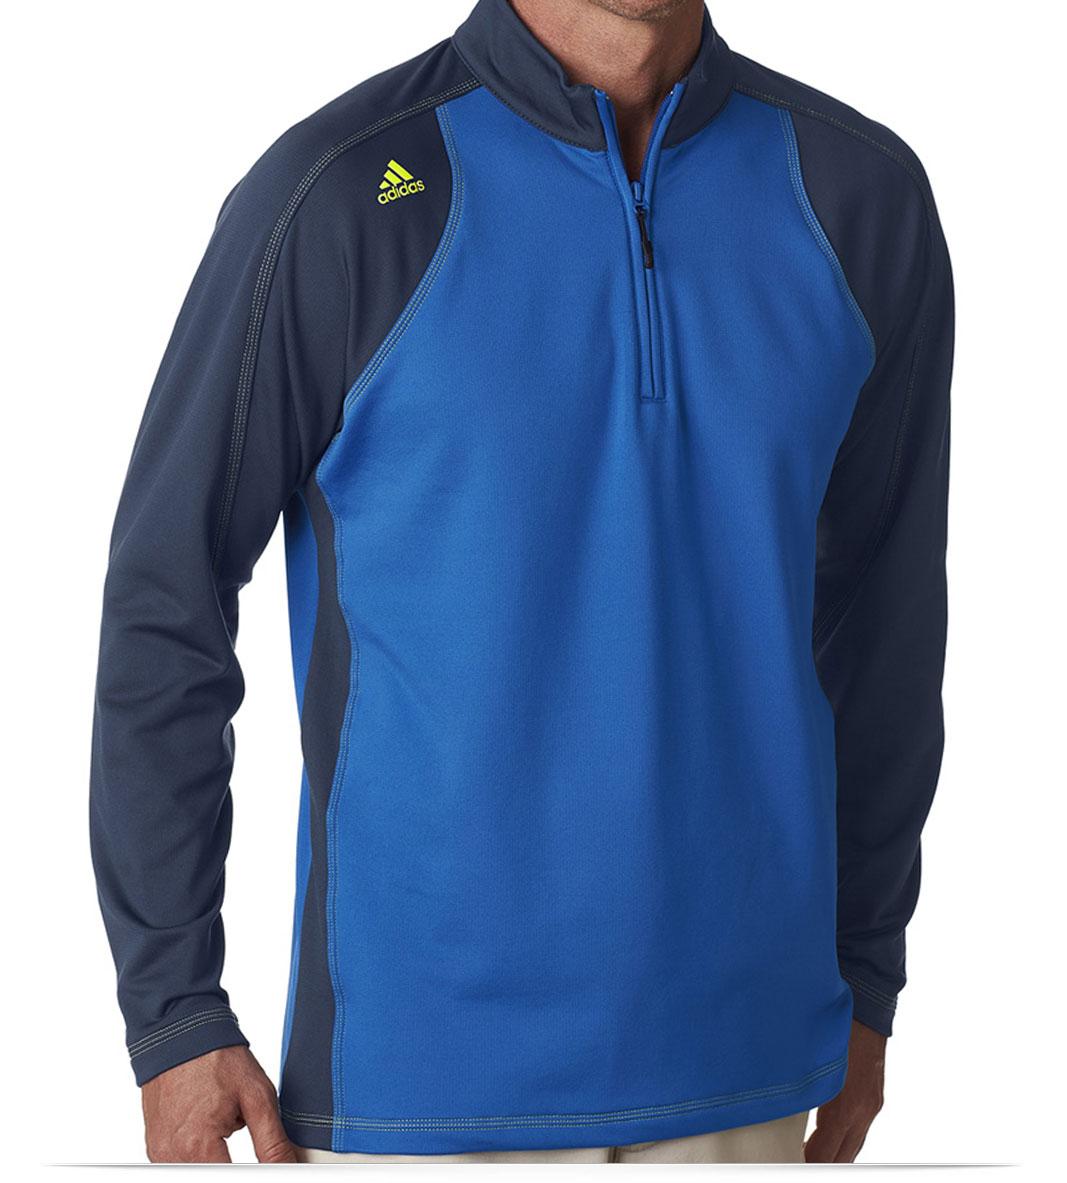 Customize Adidas Men's 1/4-Zip Training Top